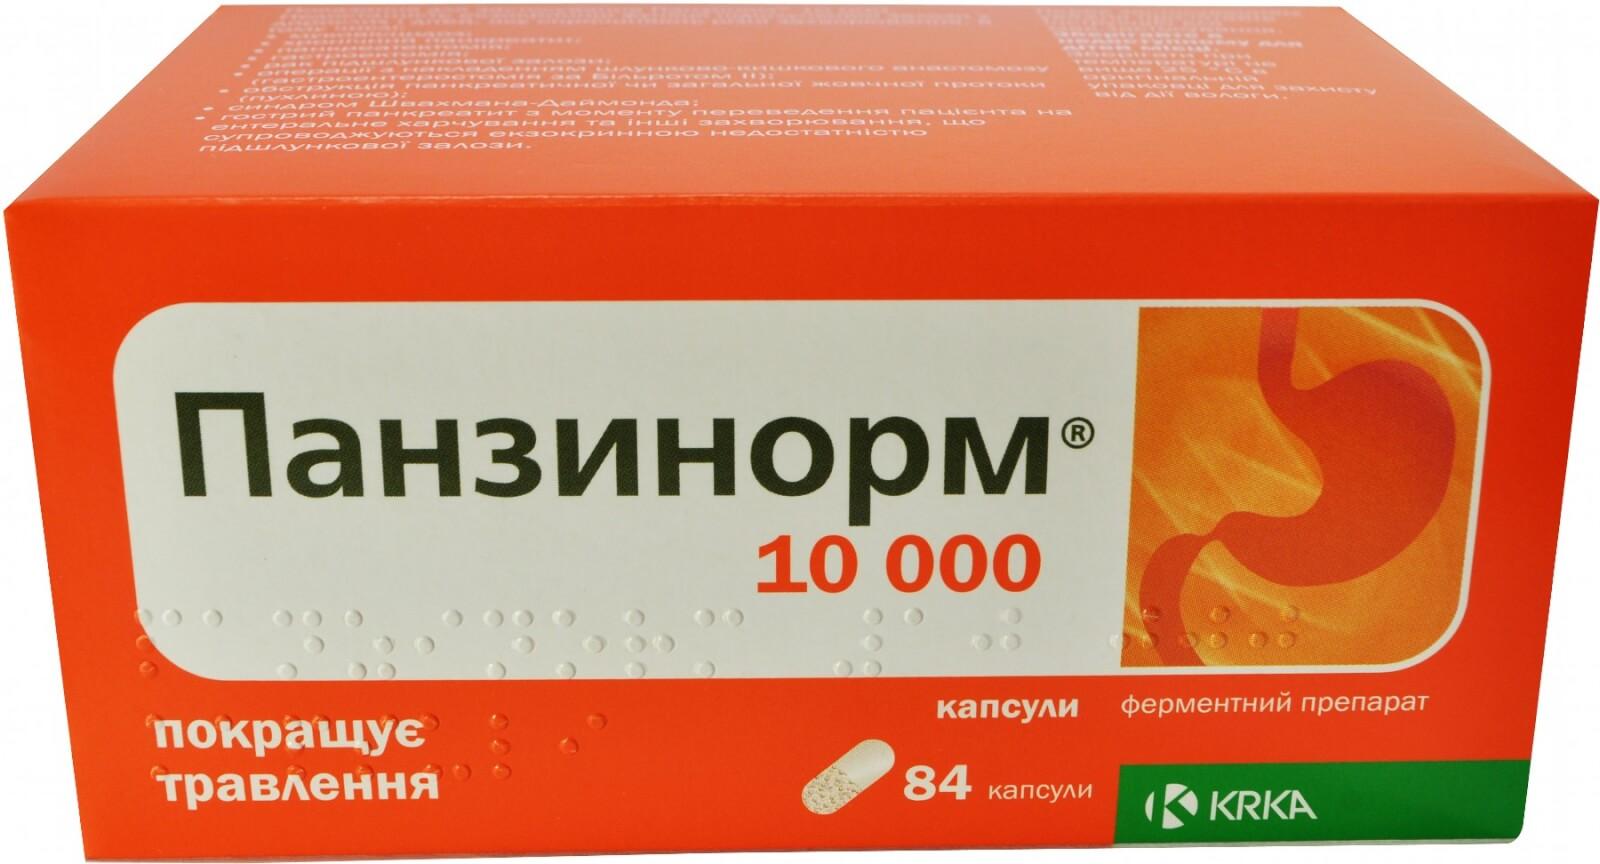 Особенности применения таблеток Панзинорм, и возможные противопоказания